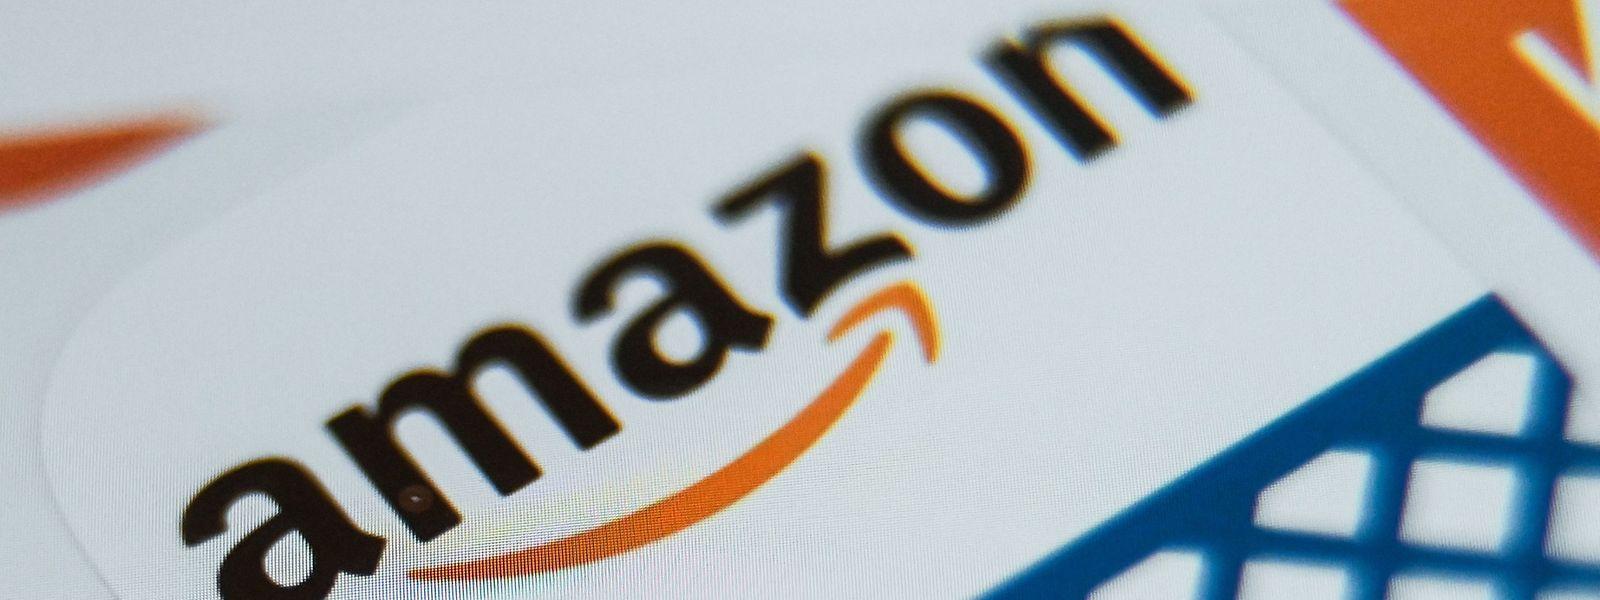 La base logistique lorraine sera dix fois plus grande que la moyenne des autres sites Amazon en France: 185.000 m².